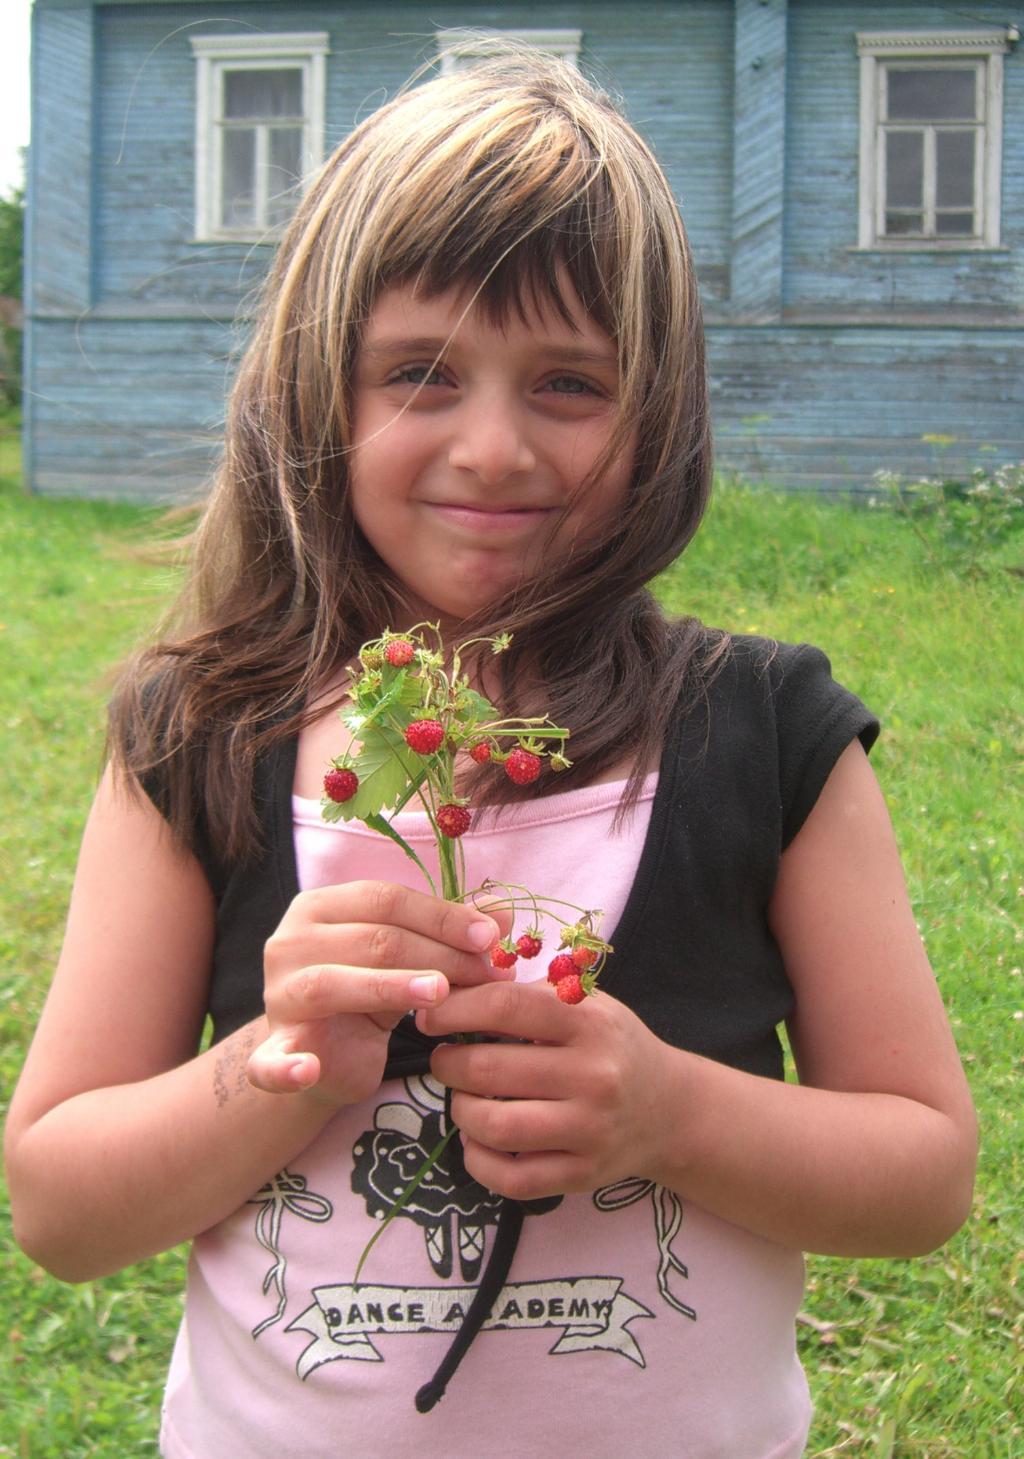 Девочка земляничка. Время улыбаться